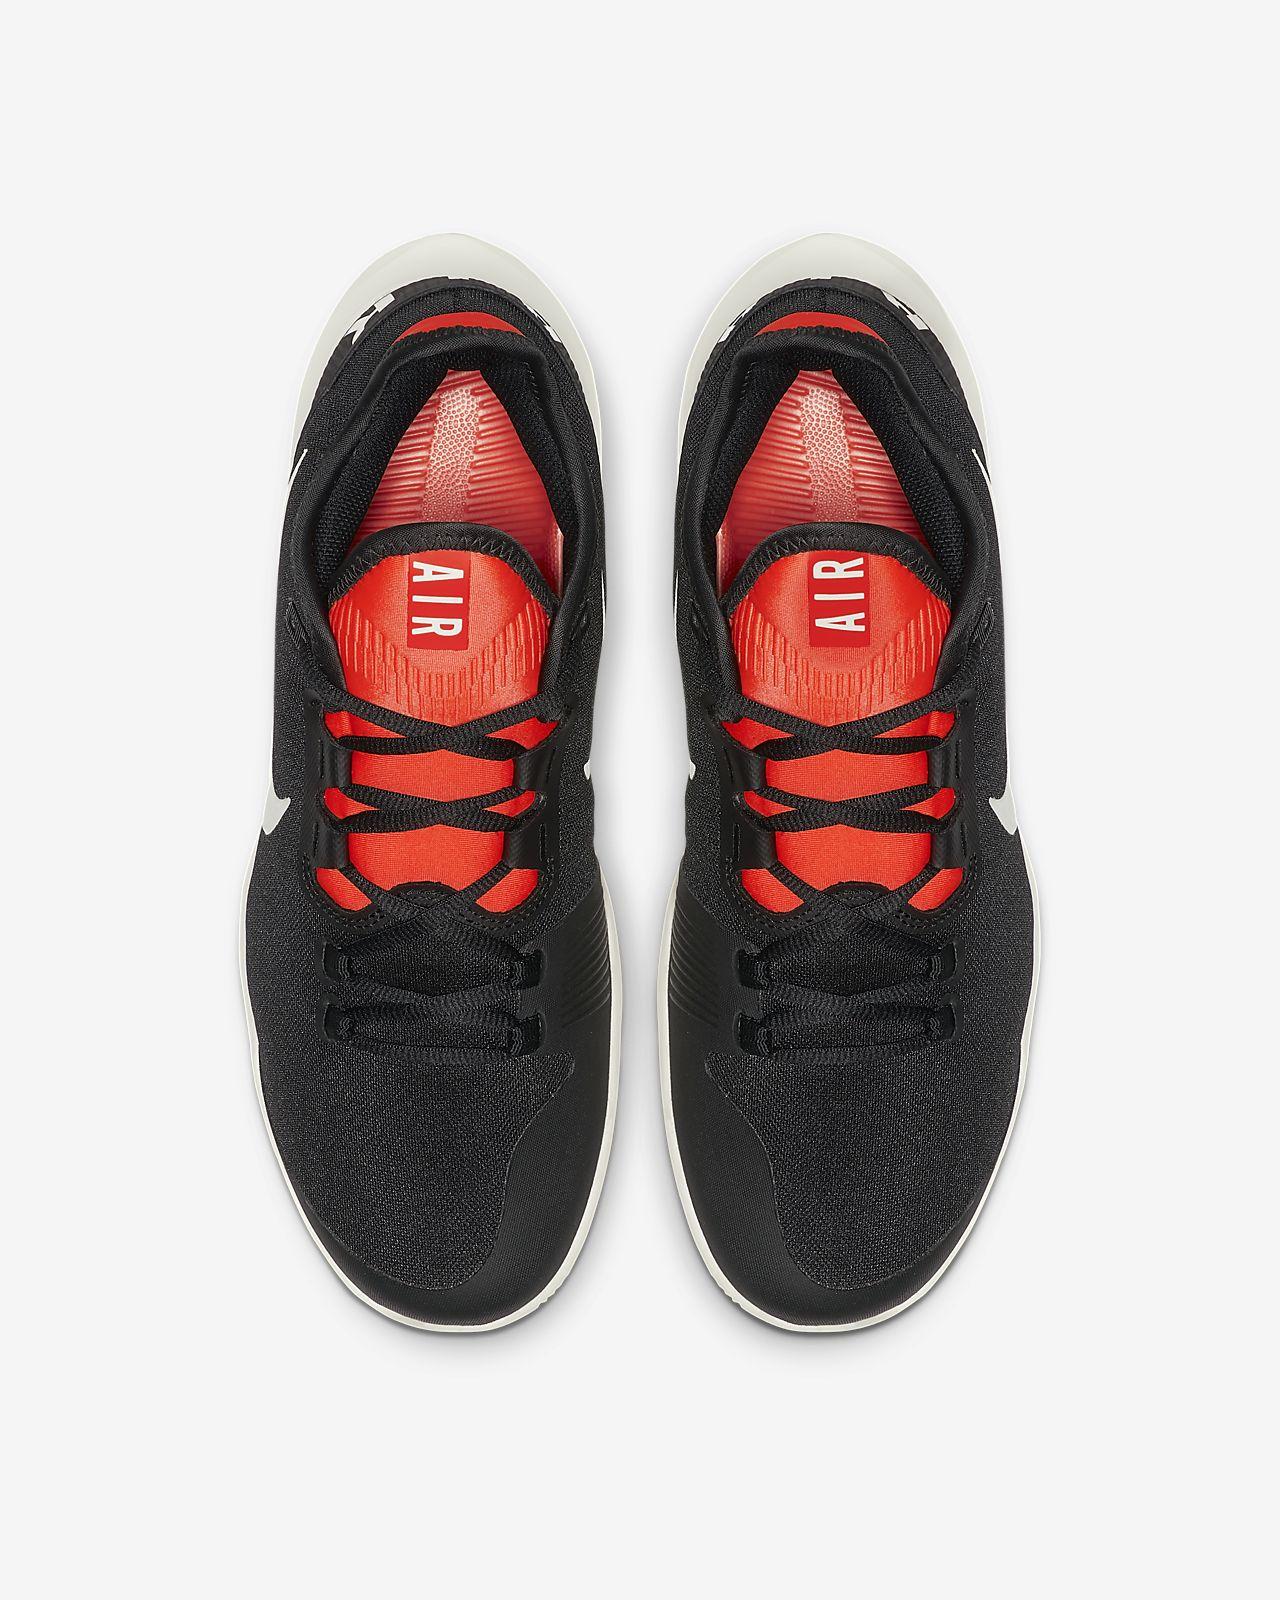 32ba585a9a7 NikeCourt Air Max Wildcard Men's Clay Tennis Shoe. Nike.com BE